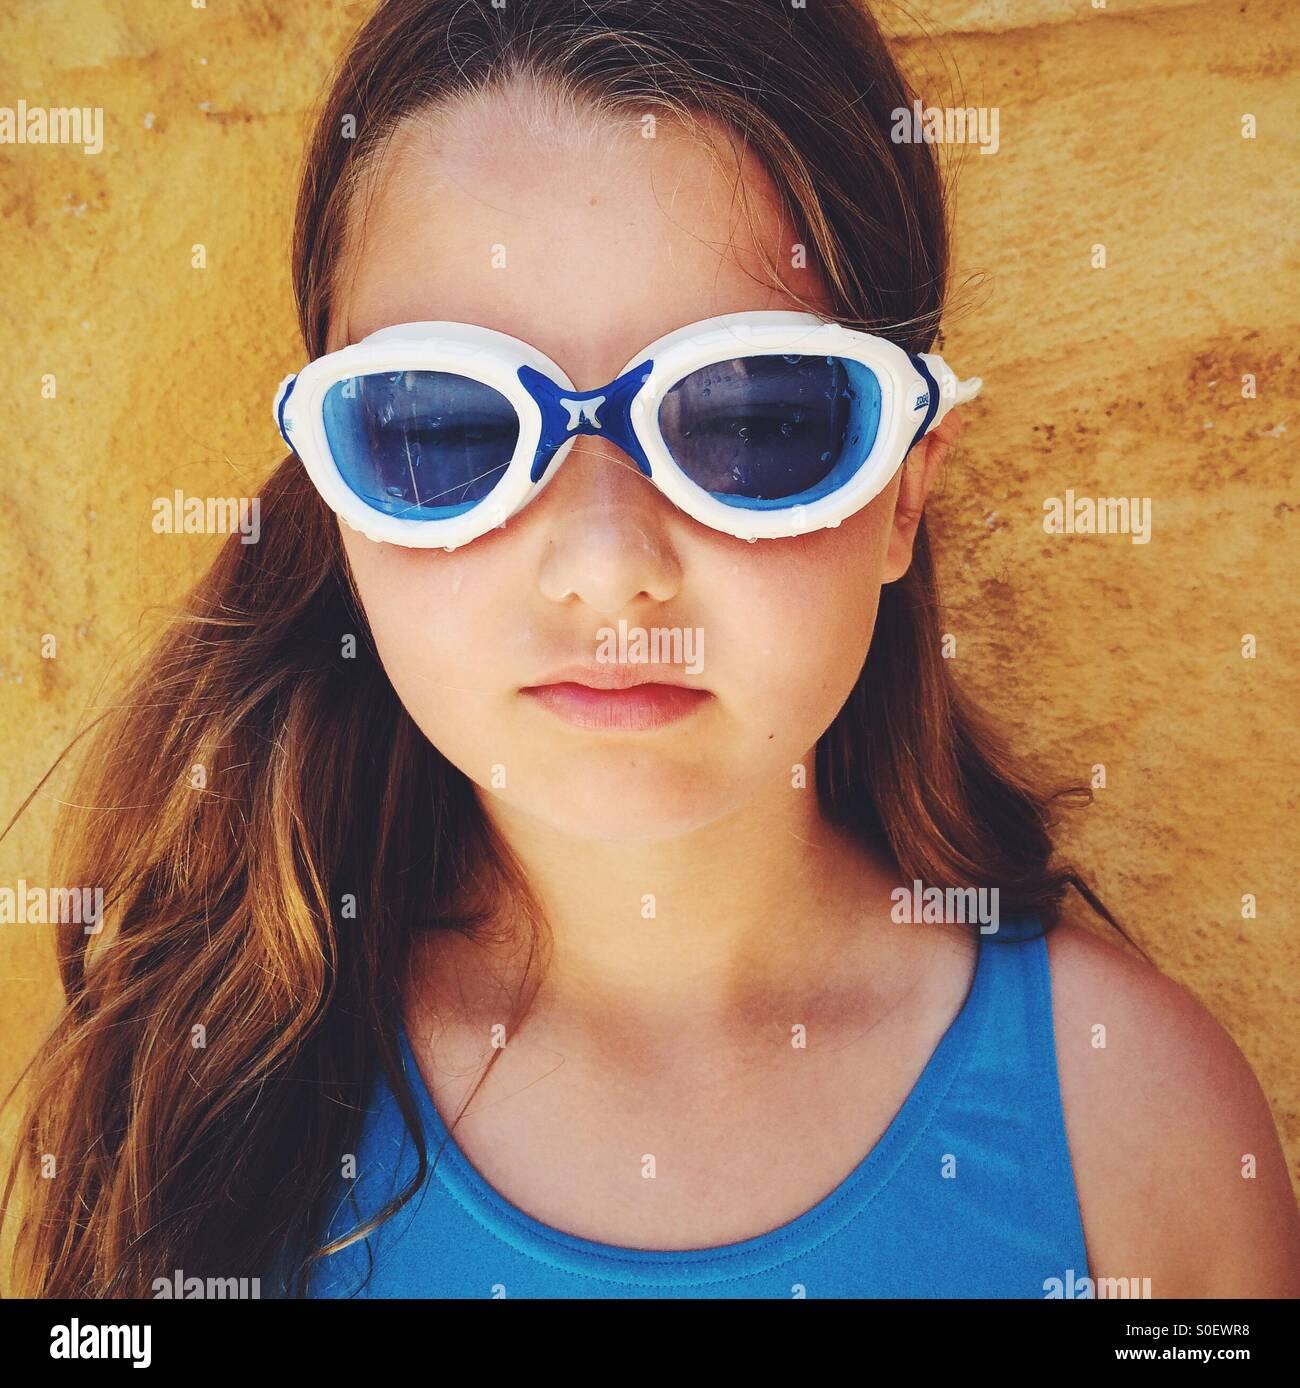 Ragazza che indossa il nuoto goggle e un costume da bagno blu. Immagini Stock